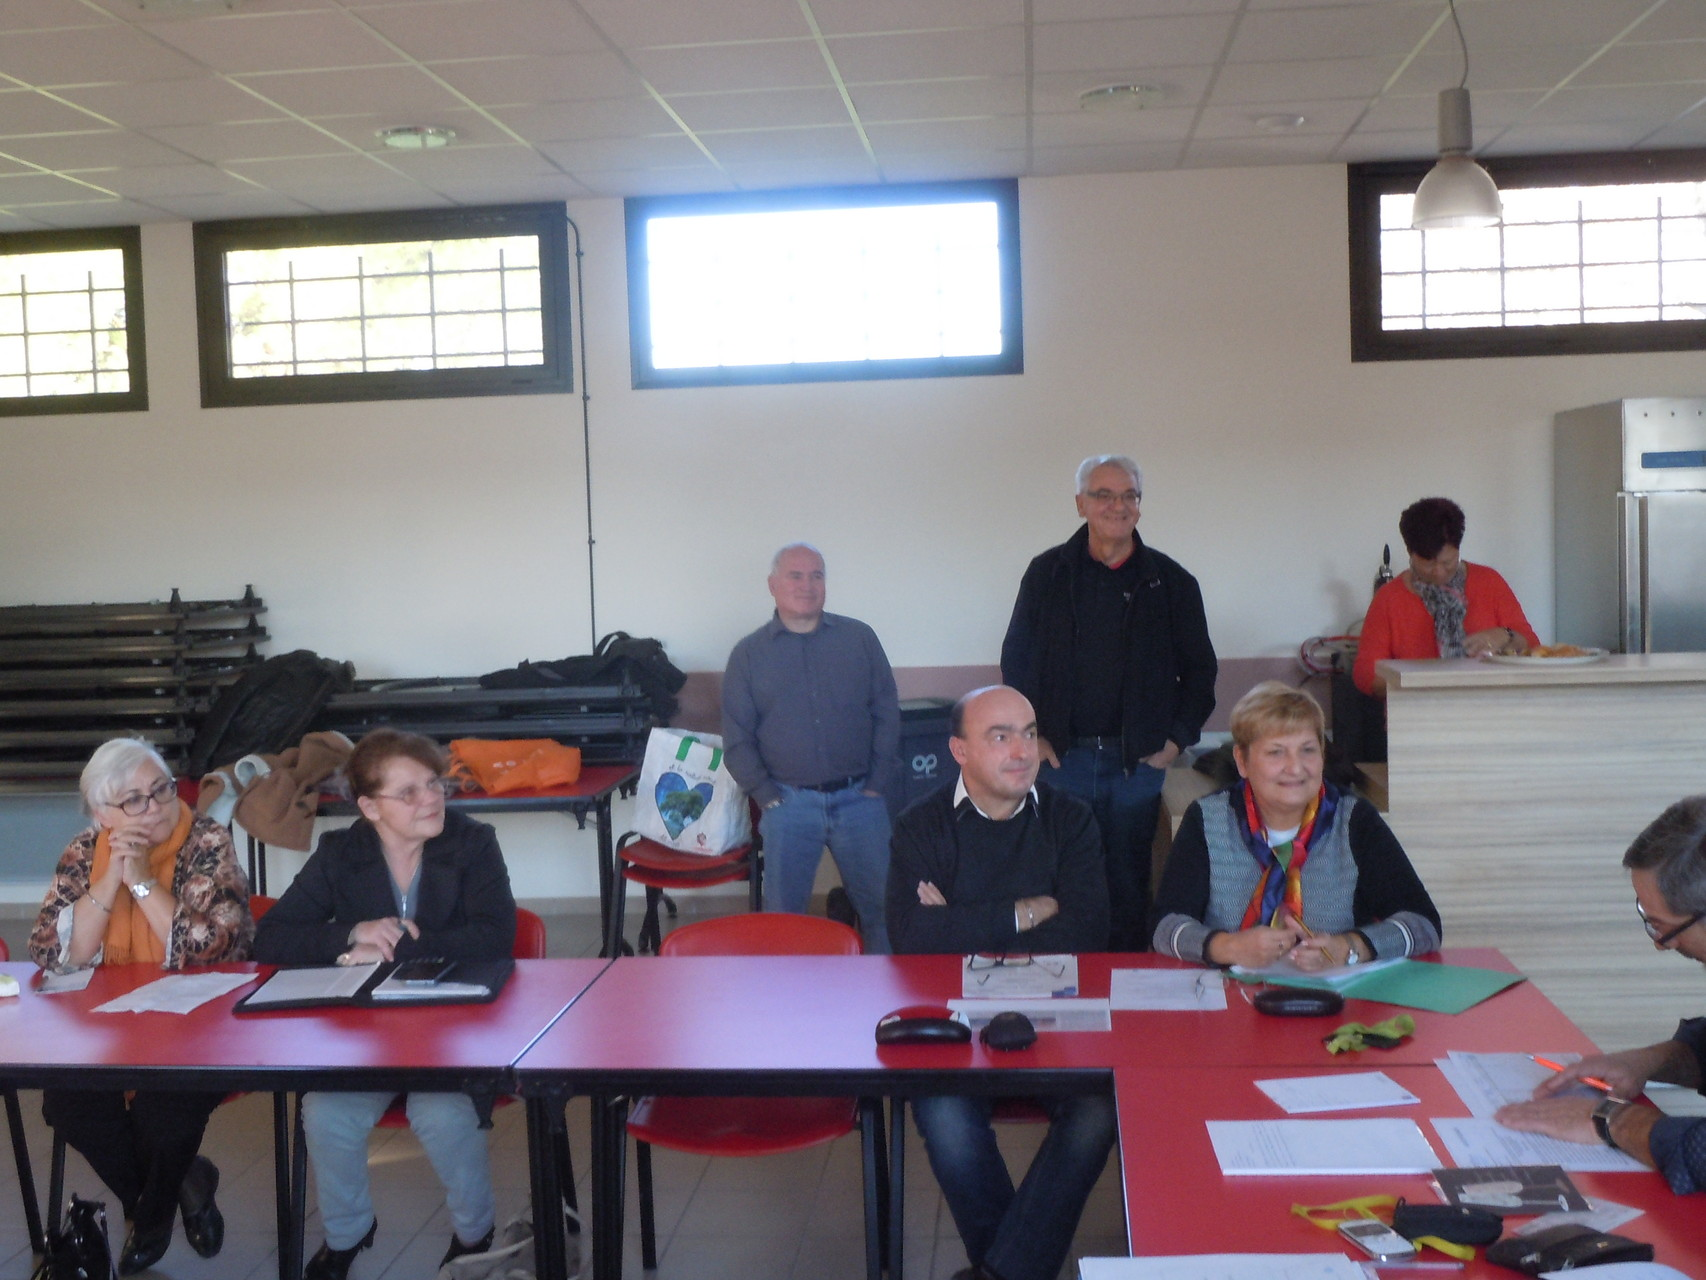 assis-Marie-Thérèse,Anne-Marie,Daniel et Françoise, debout les membres de l'OMLoriolais -